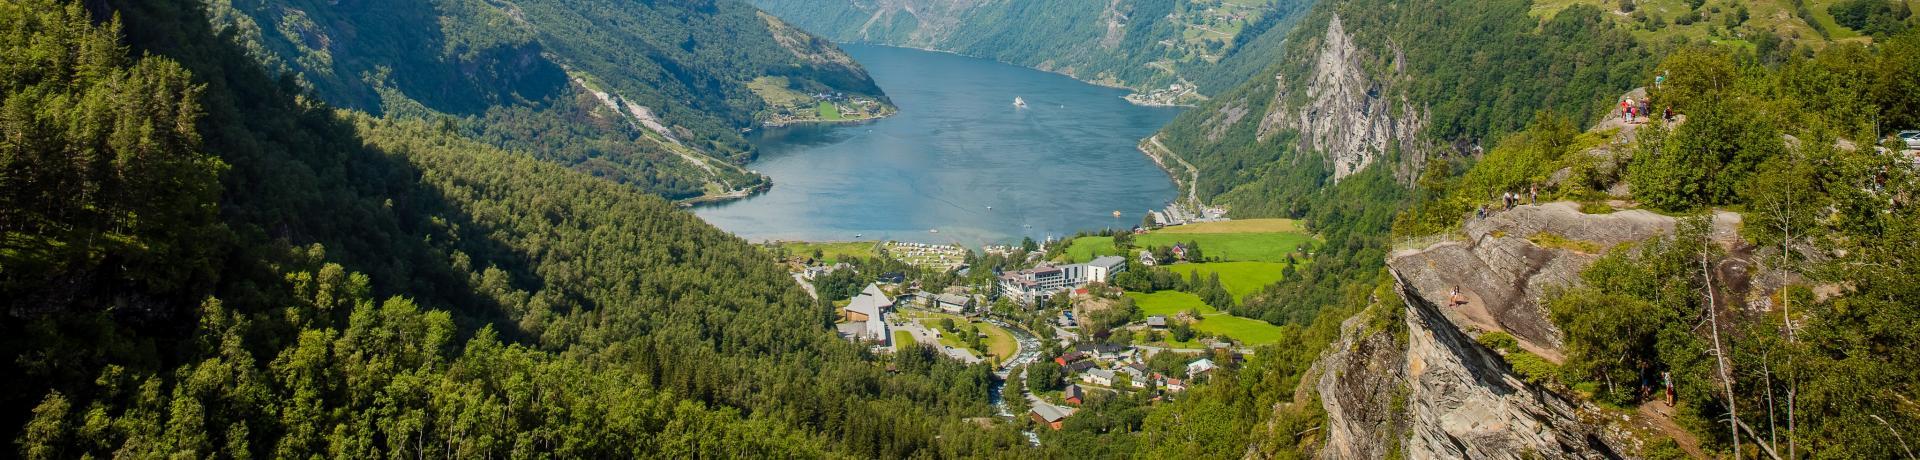 171+Norwegen+Geirangerfjord+GI-996934614.jpg